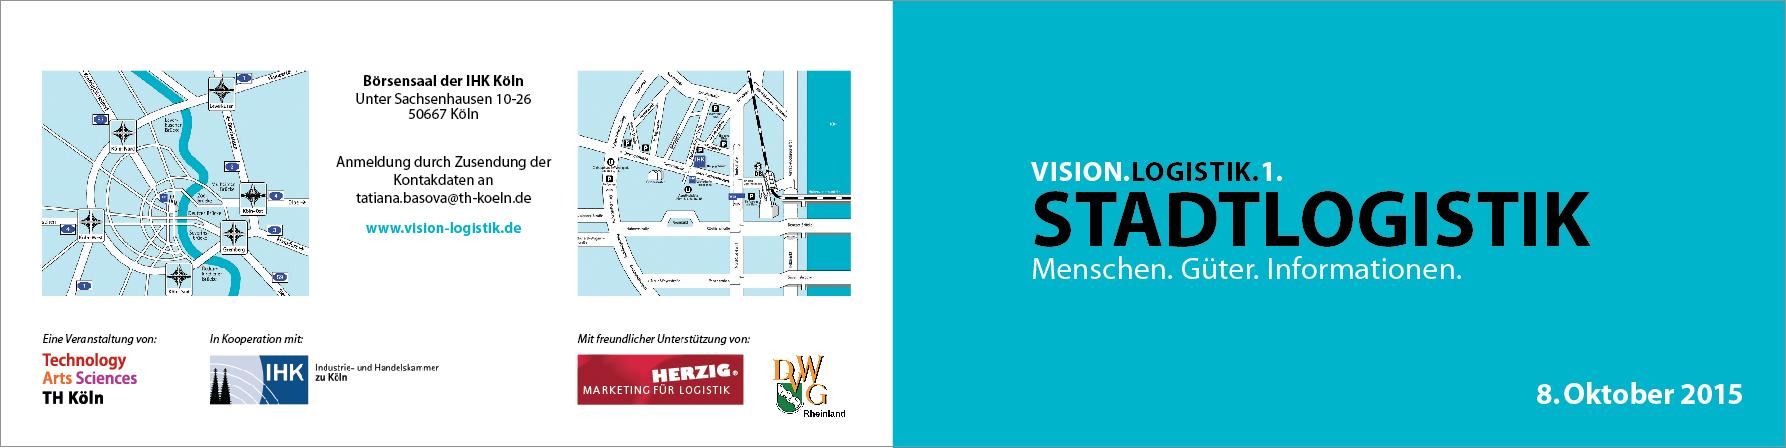 Vision Logistik Networking Vorträge Zukunft Der Logistik